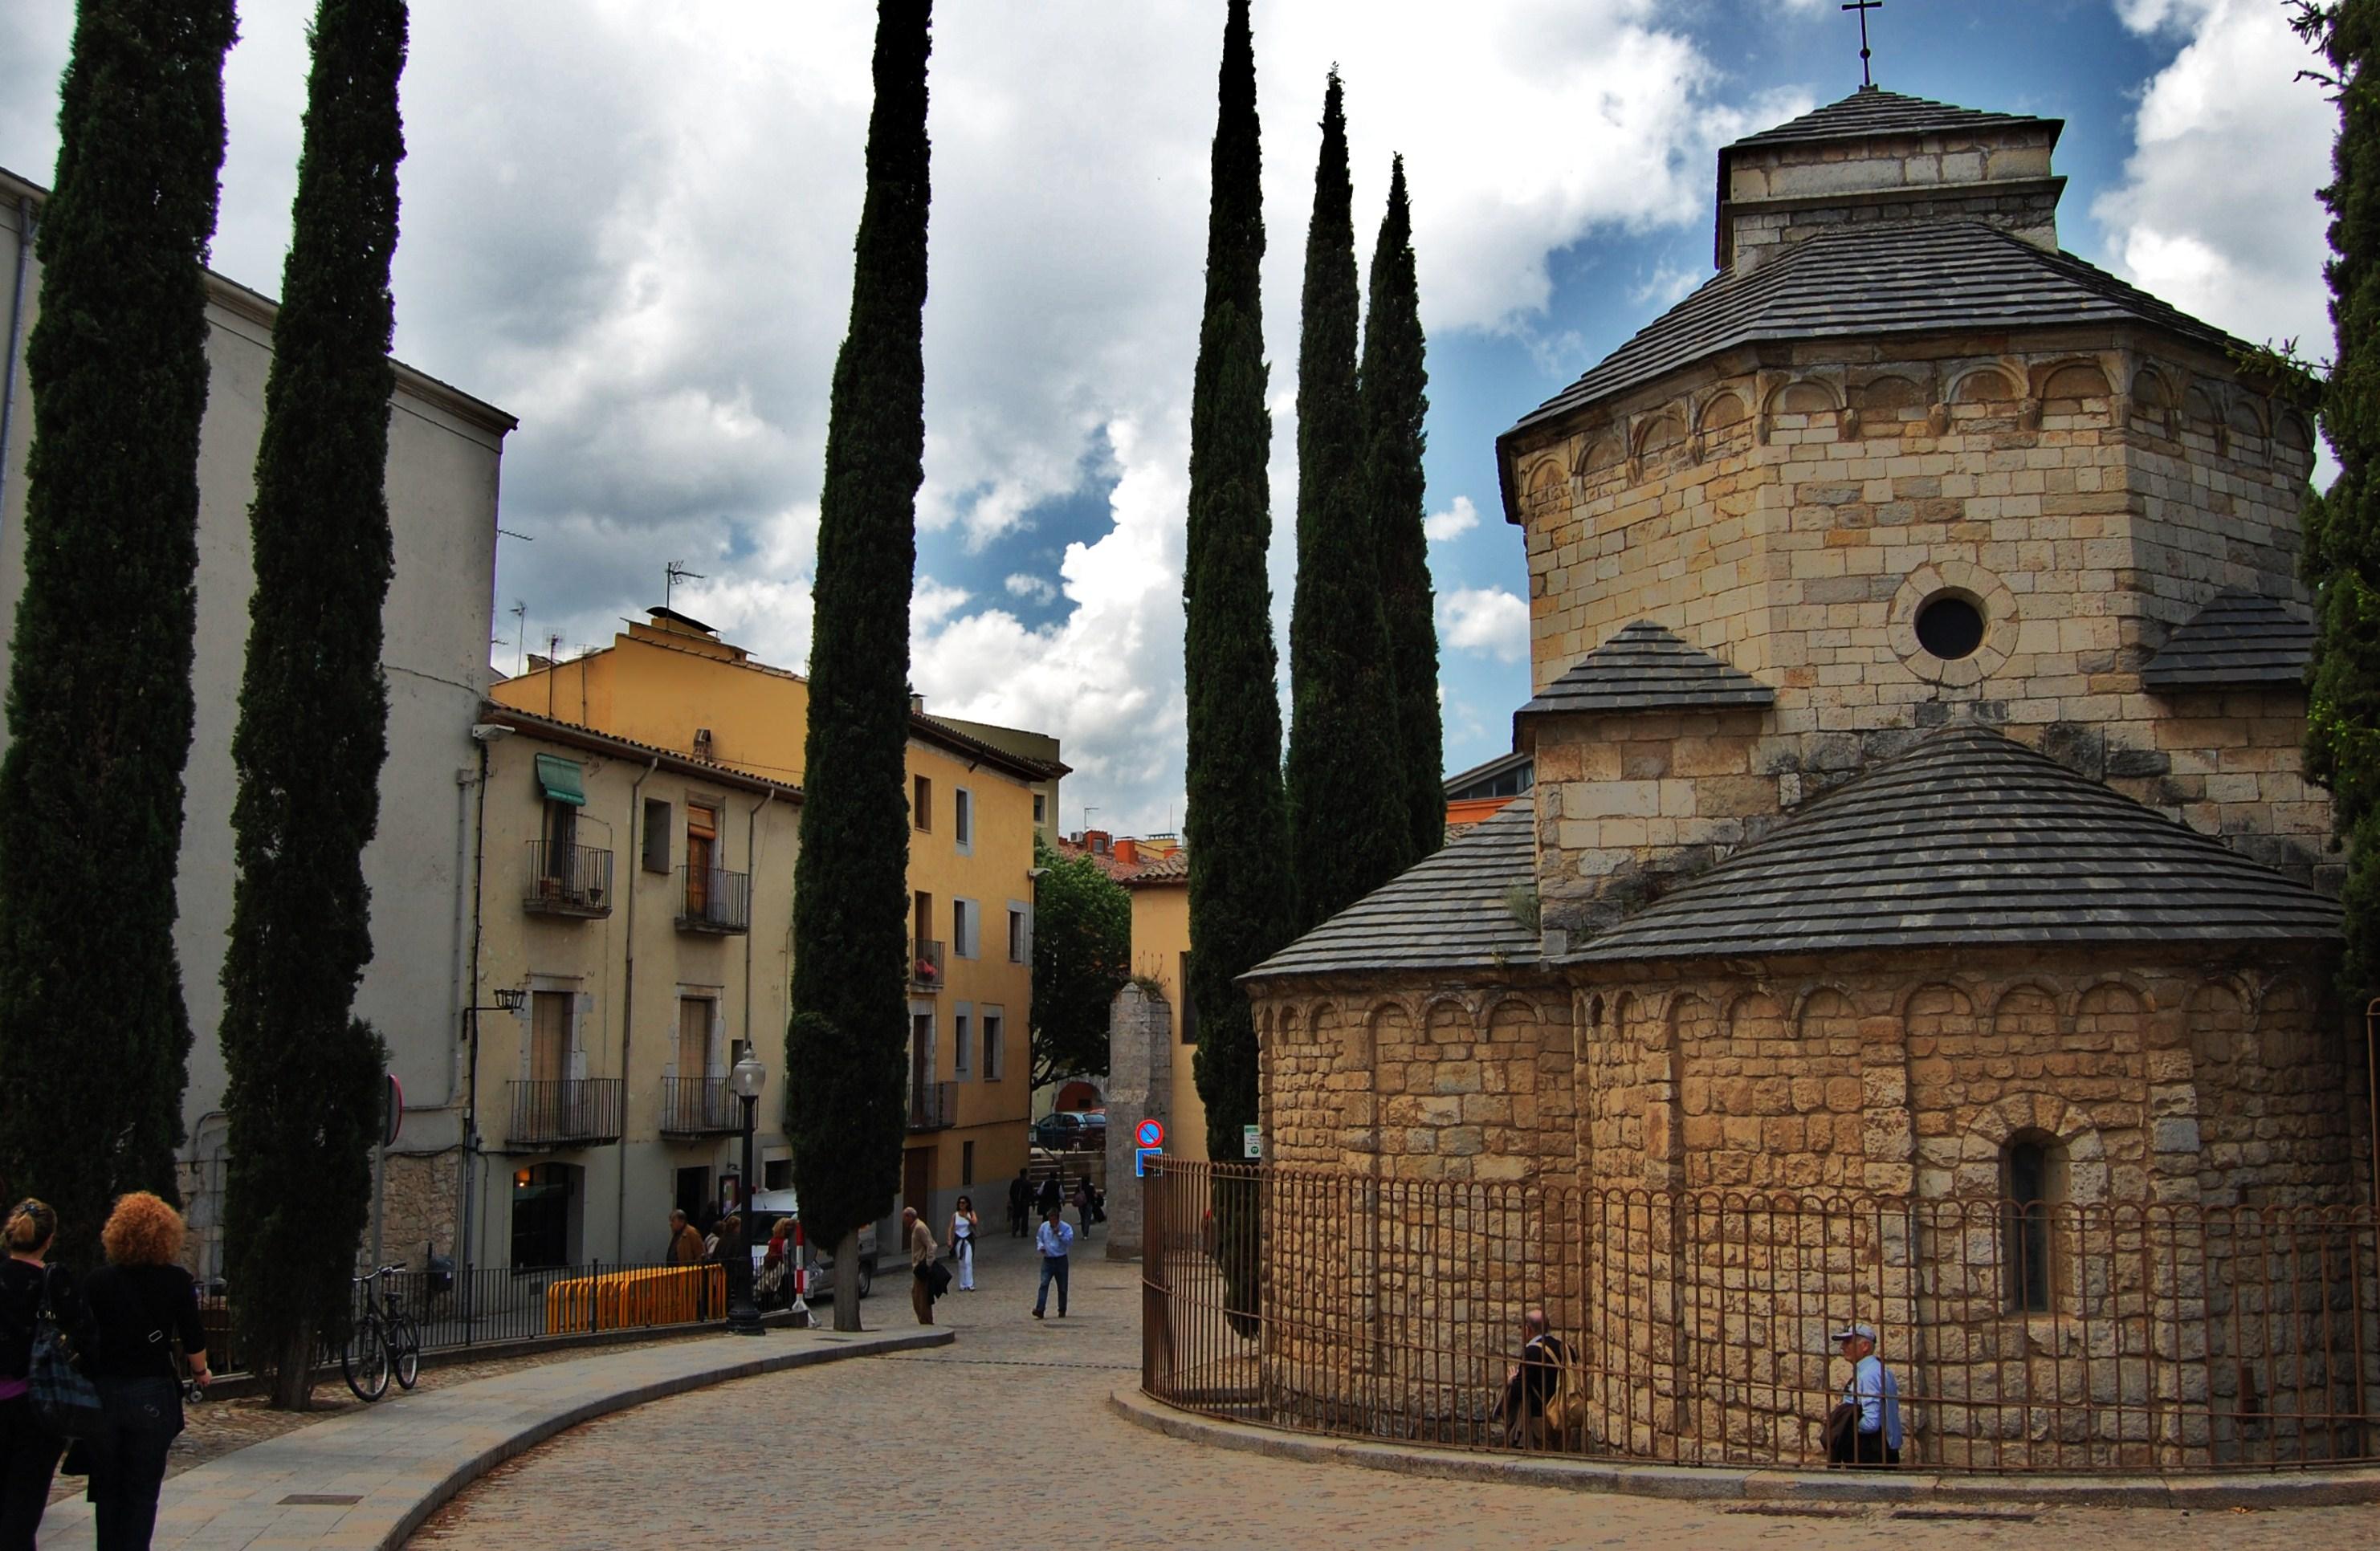 Sant Nicolau de Girona - Viquipèdia, l'enciclopèdia lliure